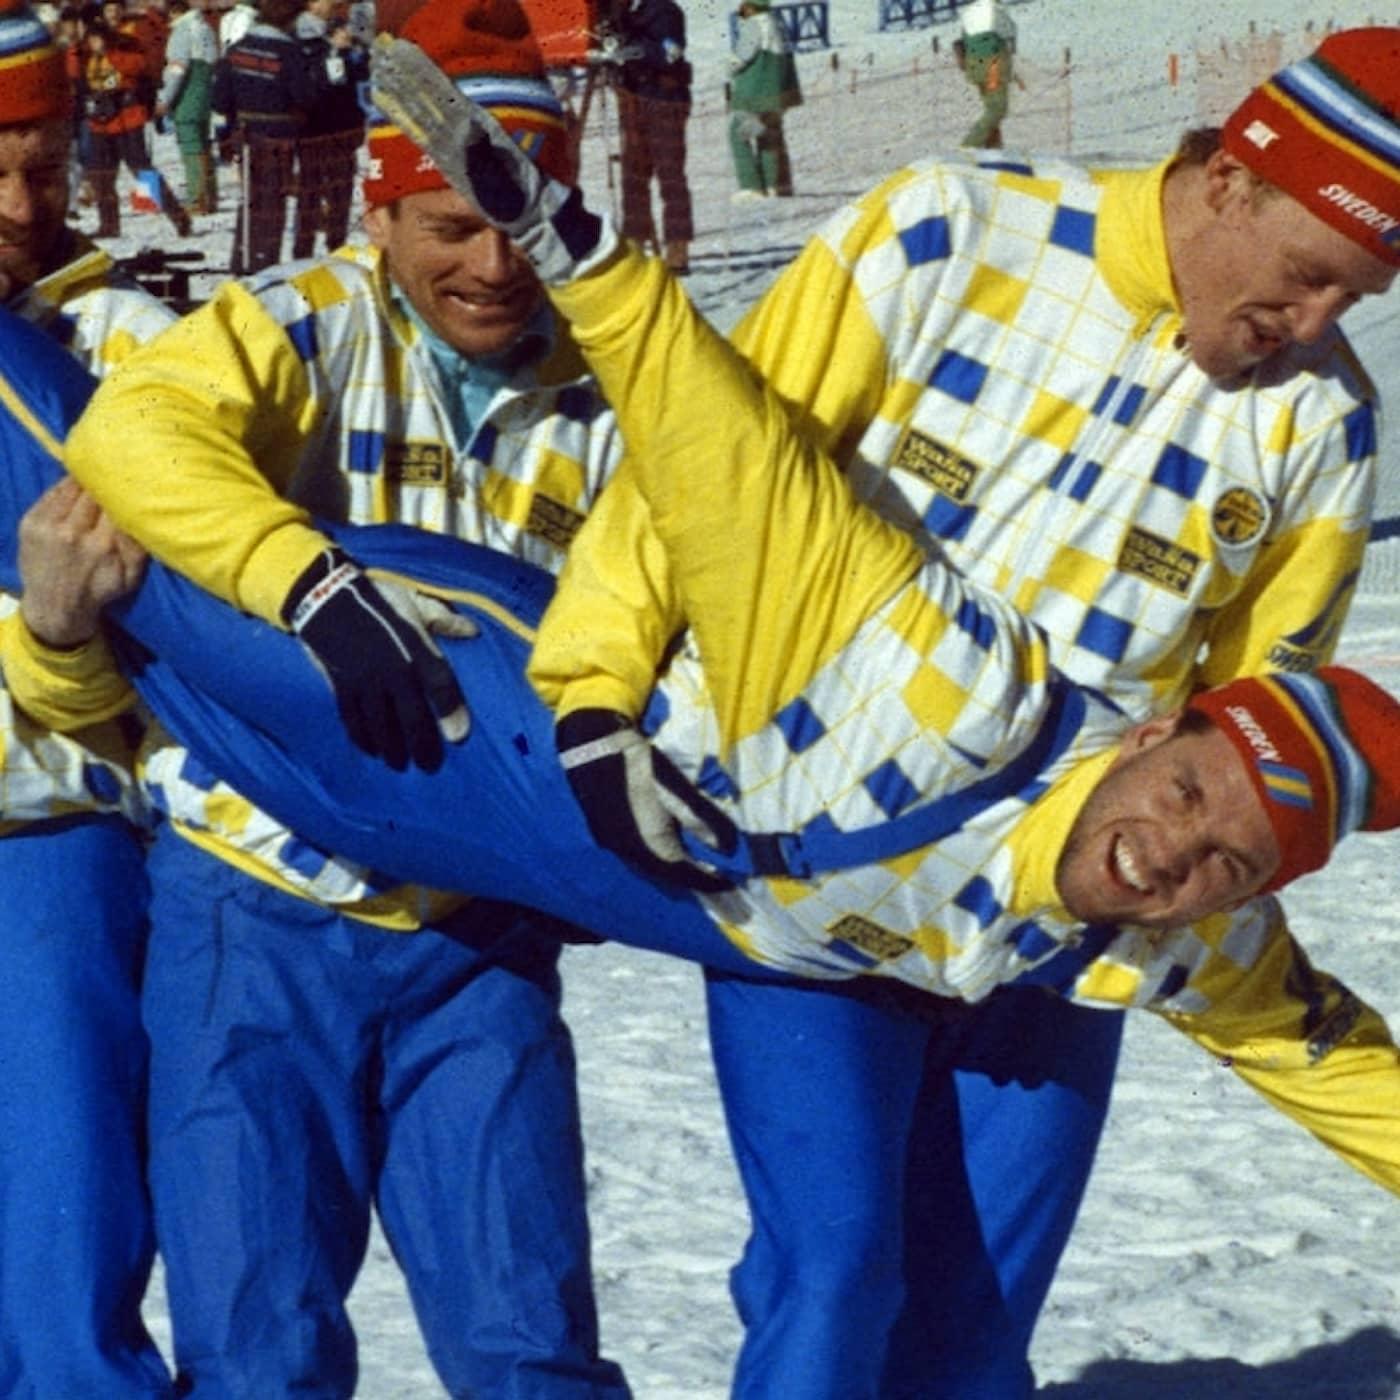 OS i Calgary 1988